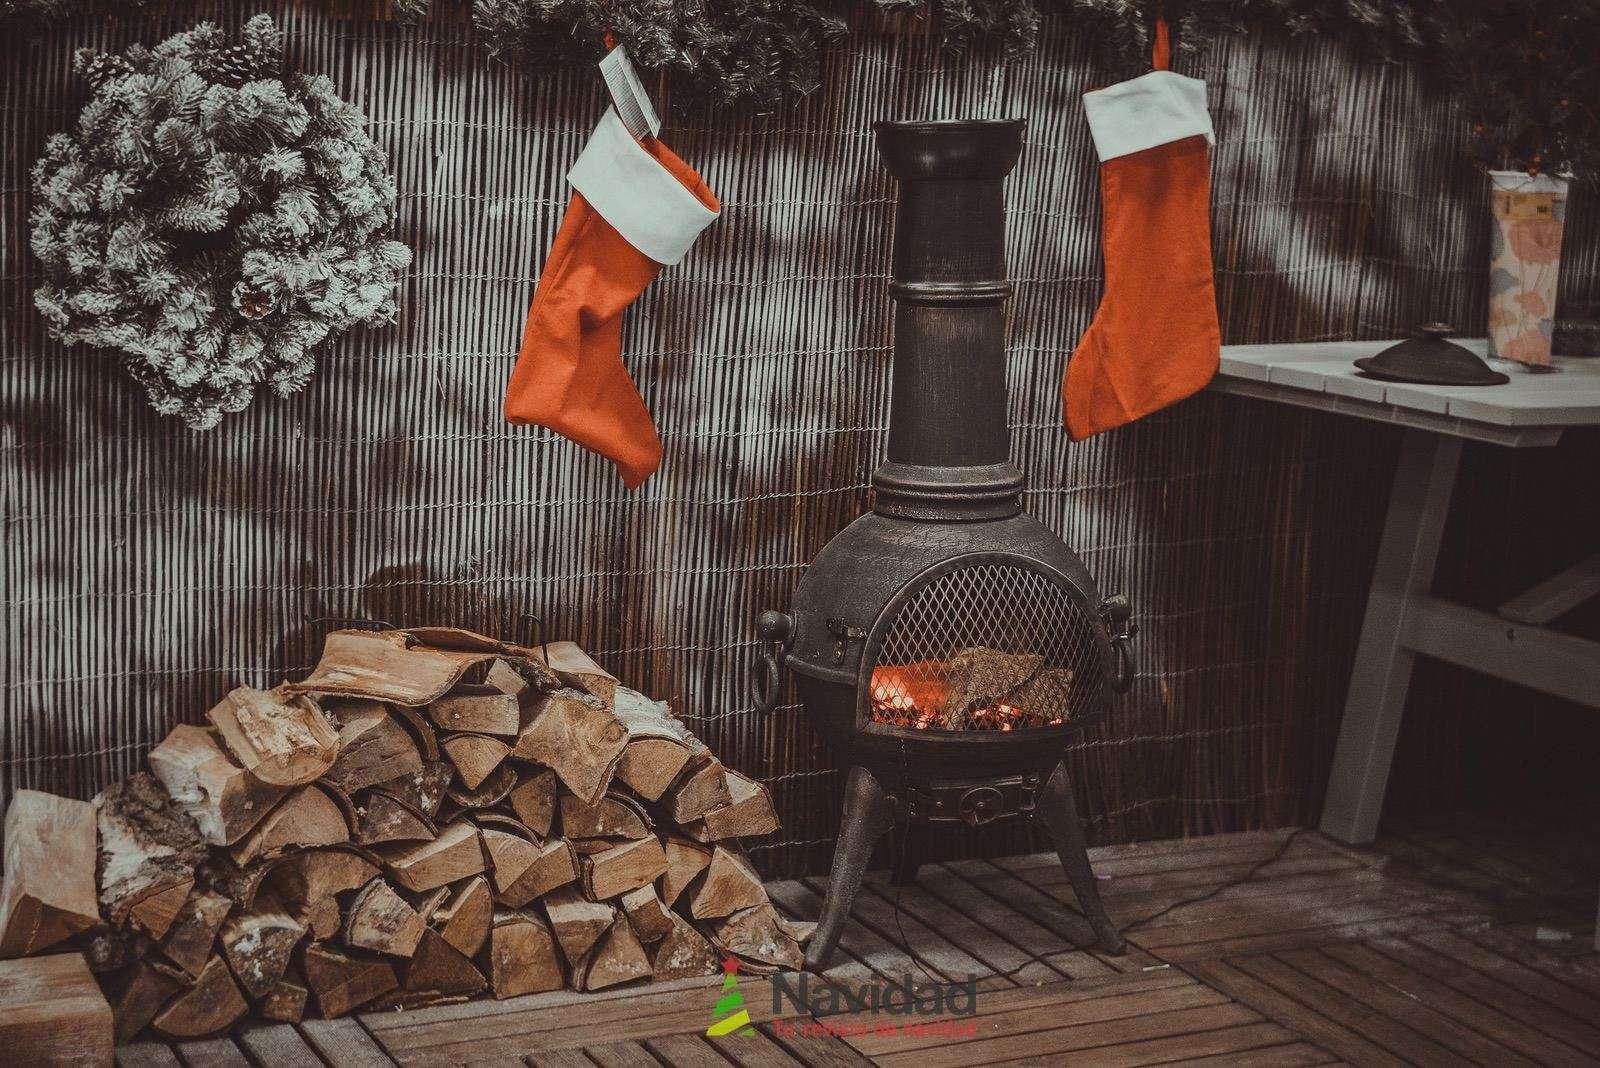 Chimeneas de Navidad para decorar y dar calor en fiestas 54